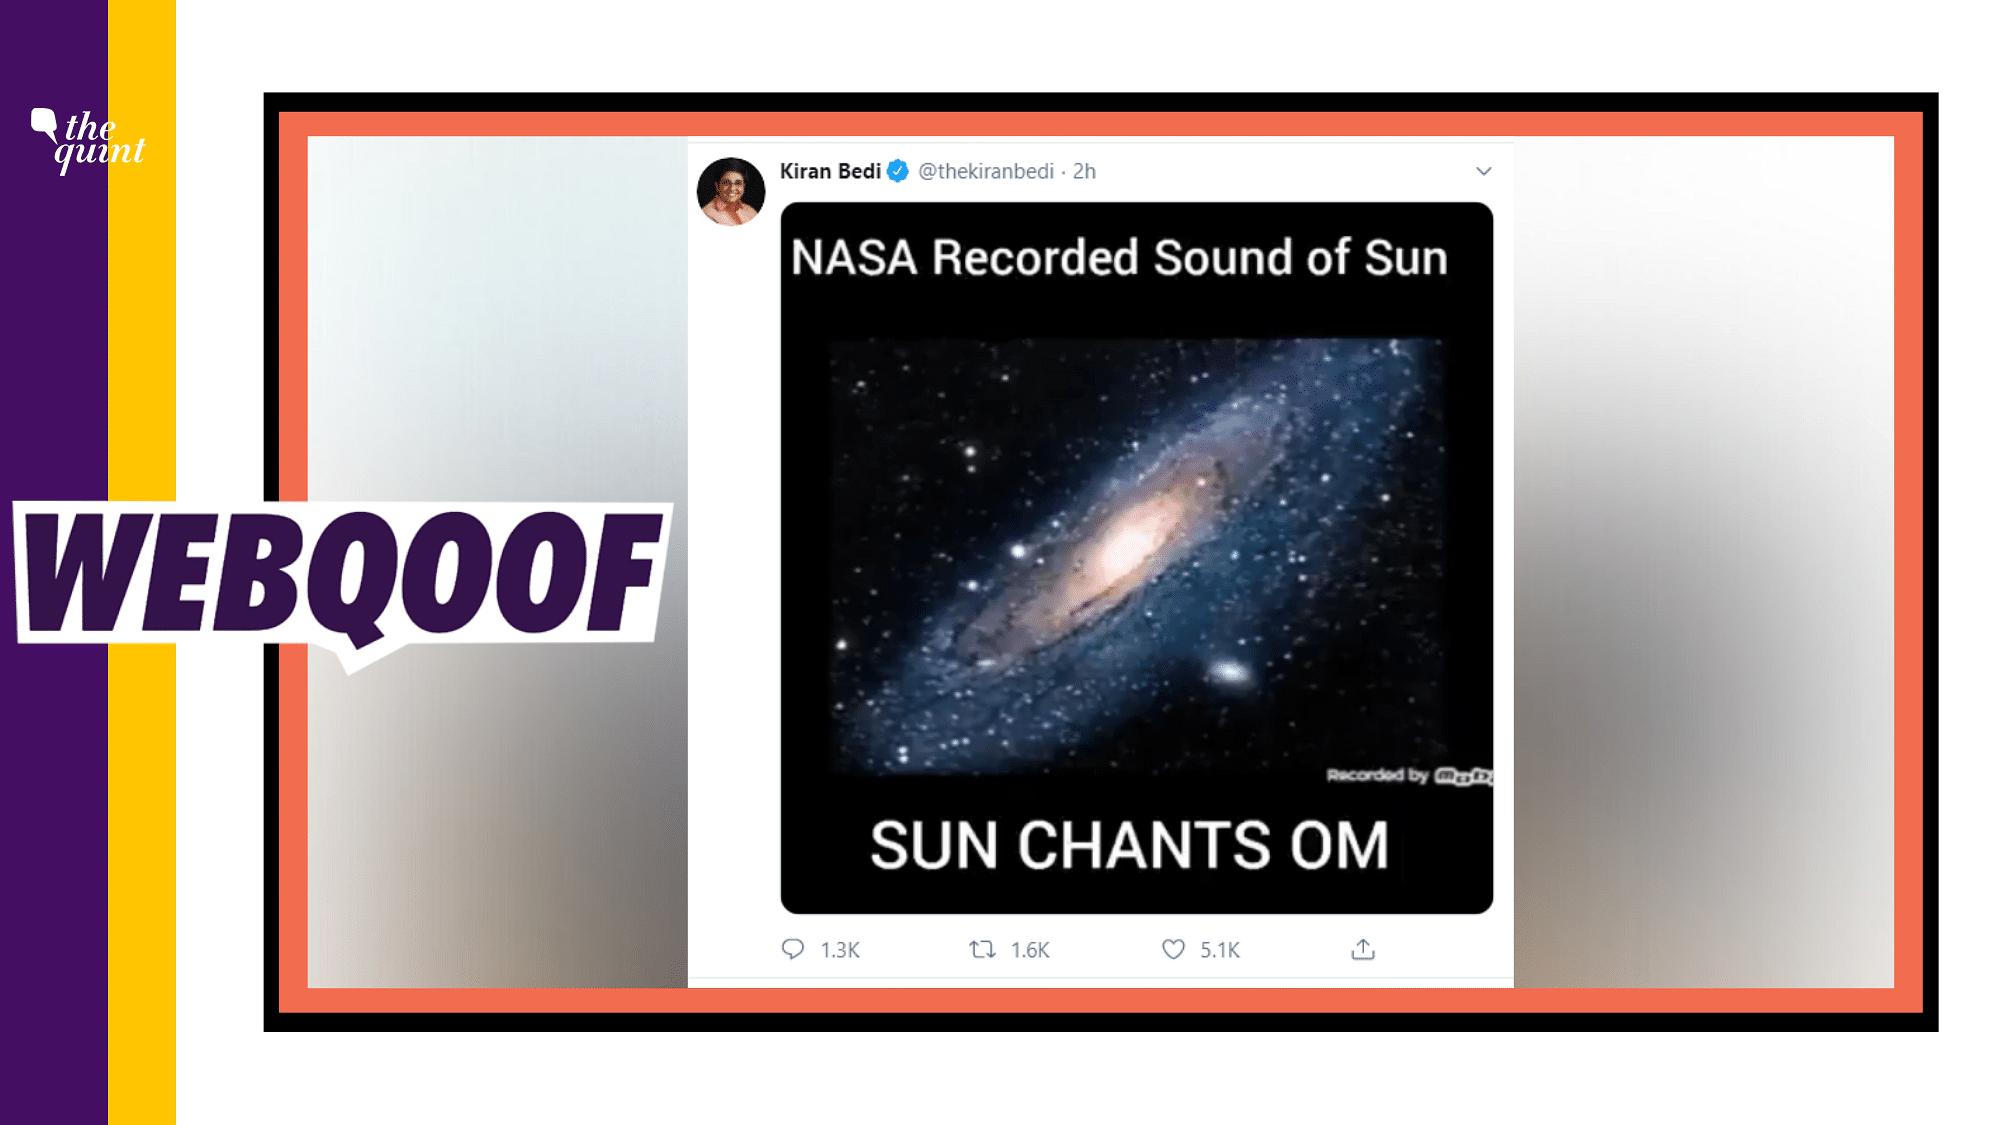 'Still Worth Listening To': Kiran Bedi On Sharing False NASA Video